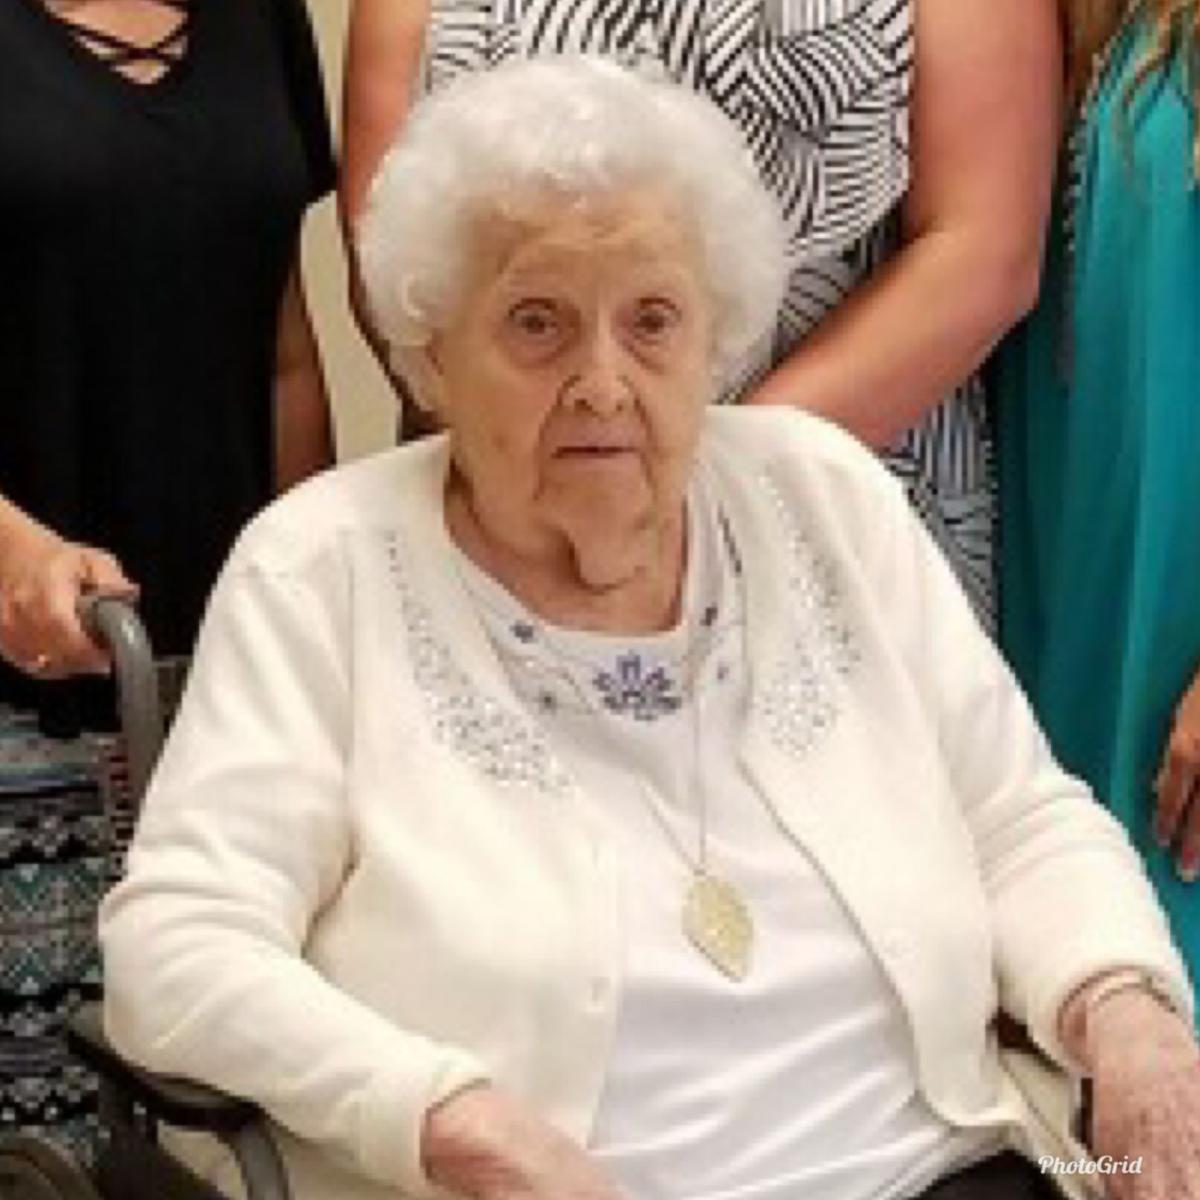 Happy 100th birthday, Marcella Yatsko!